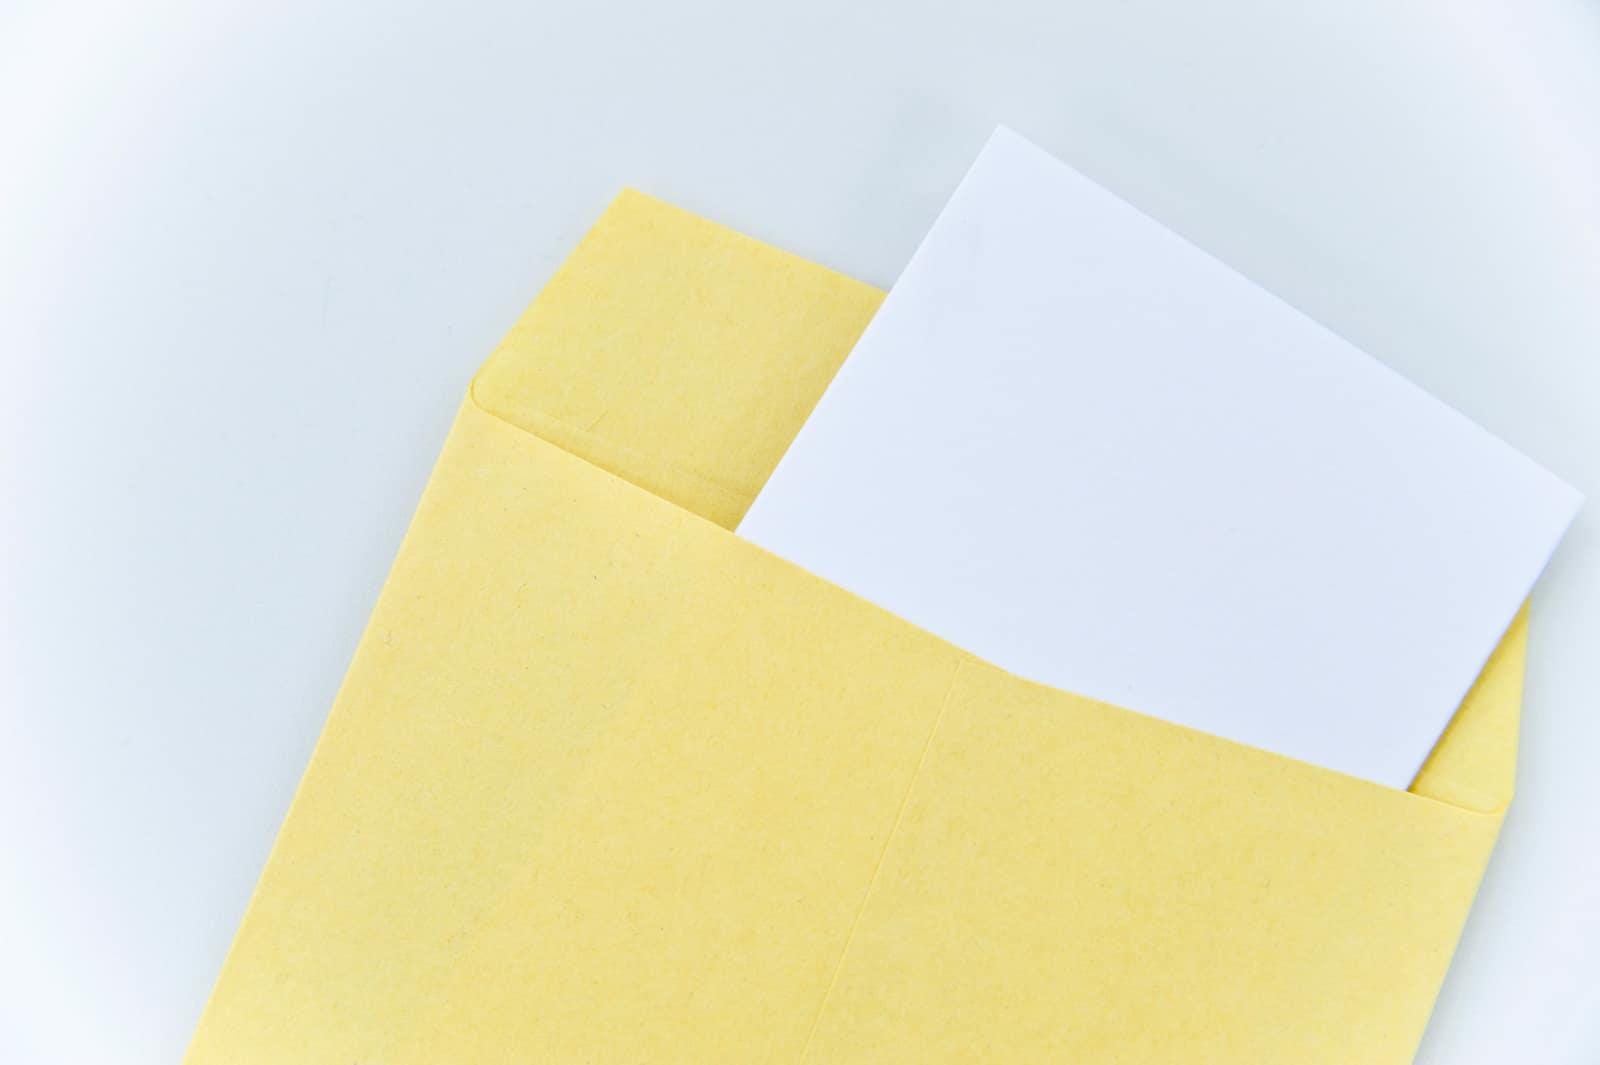 結婚相談所の入会時に必要な5つの書類